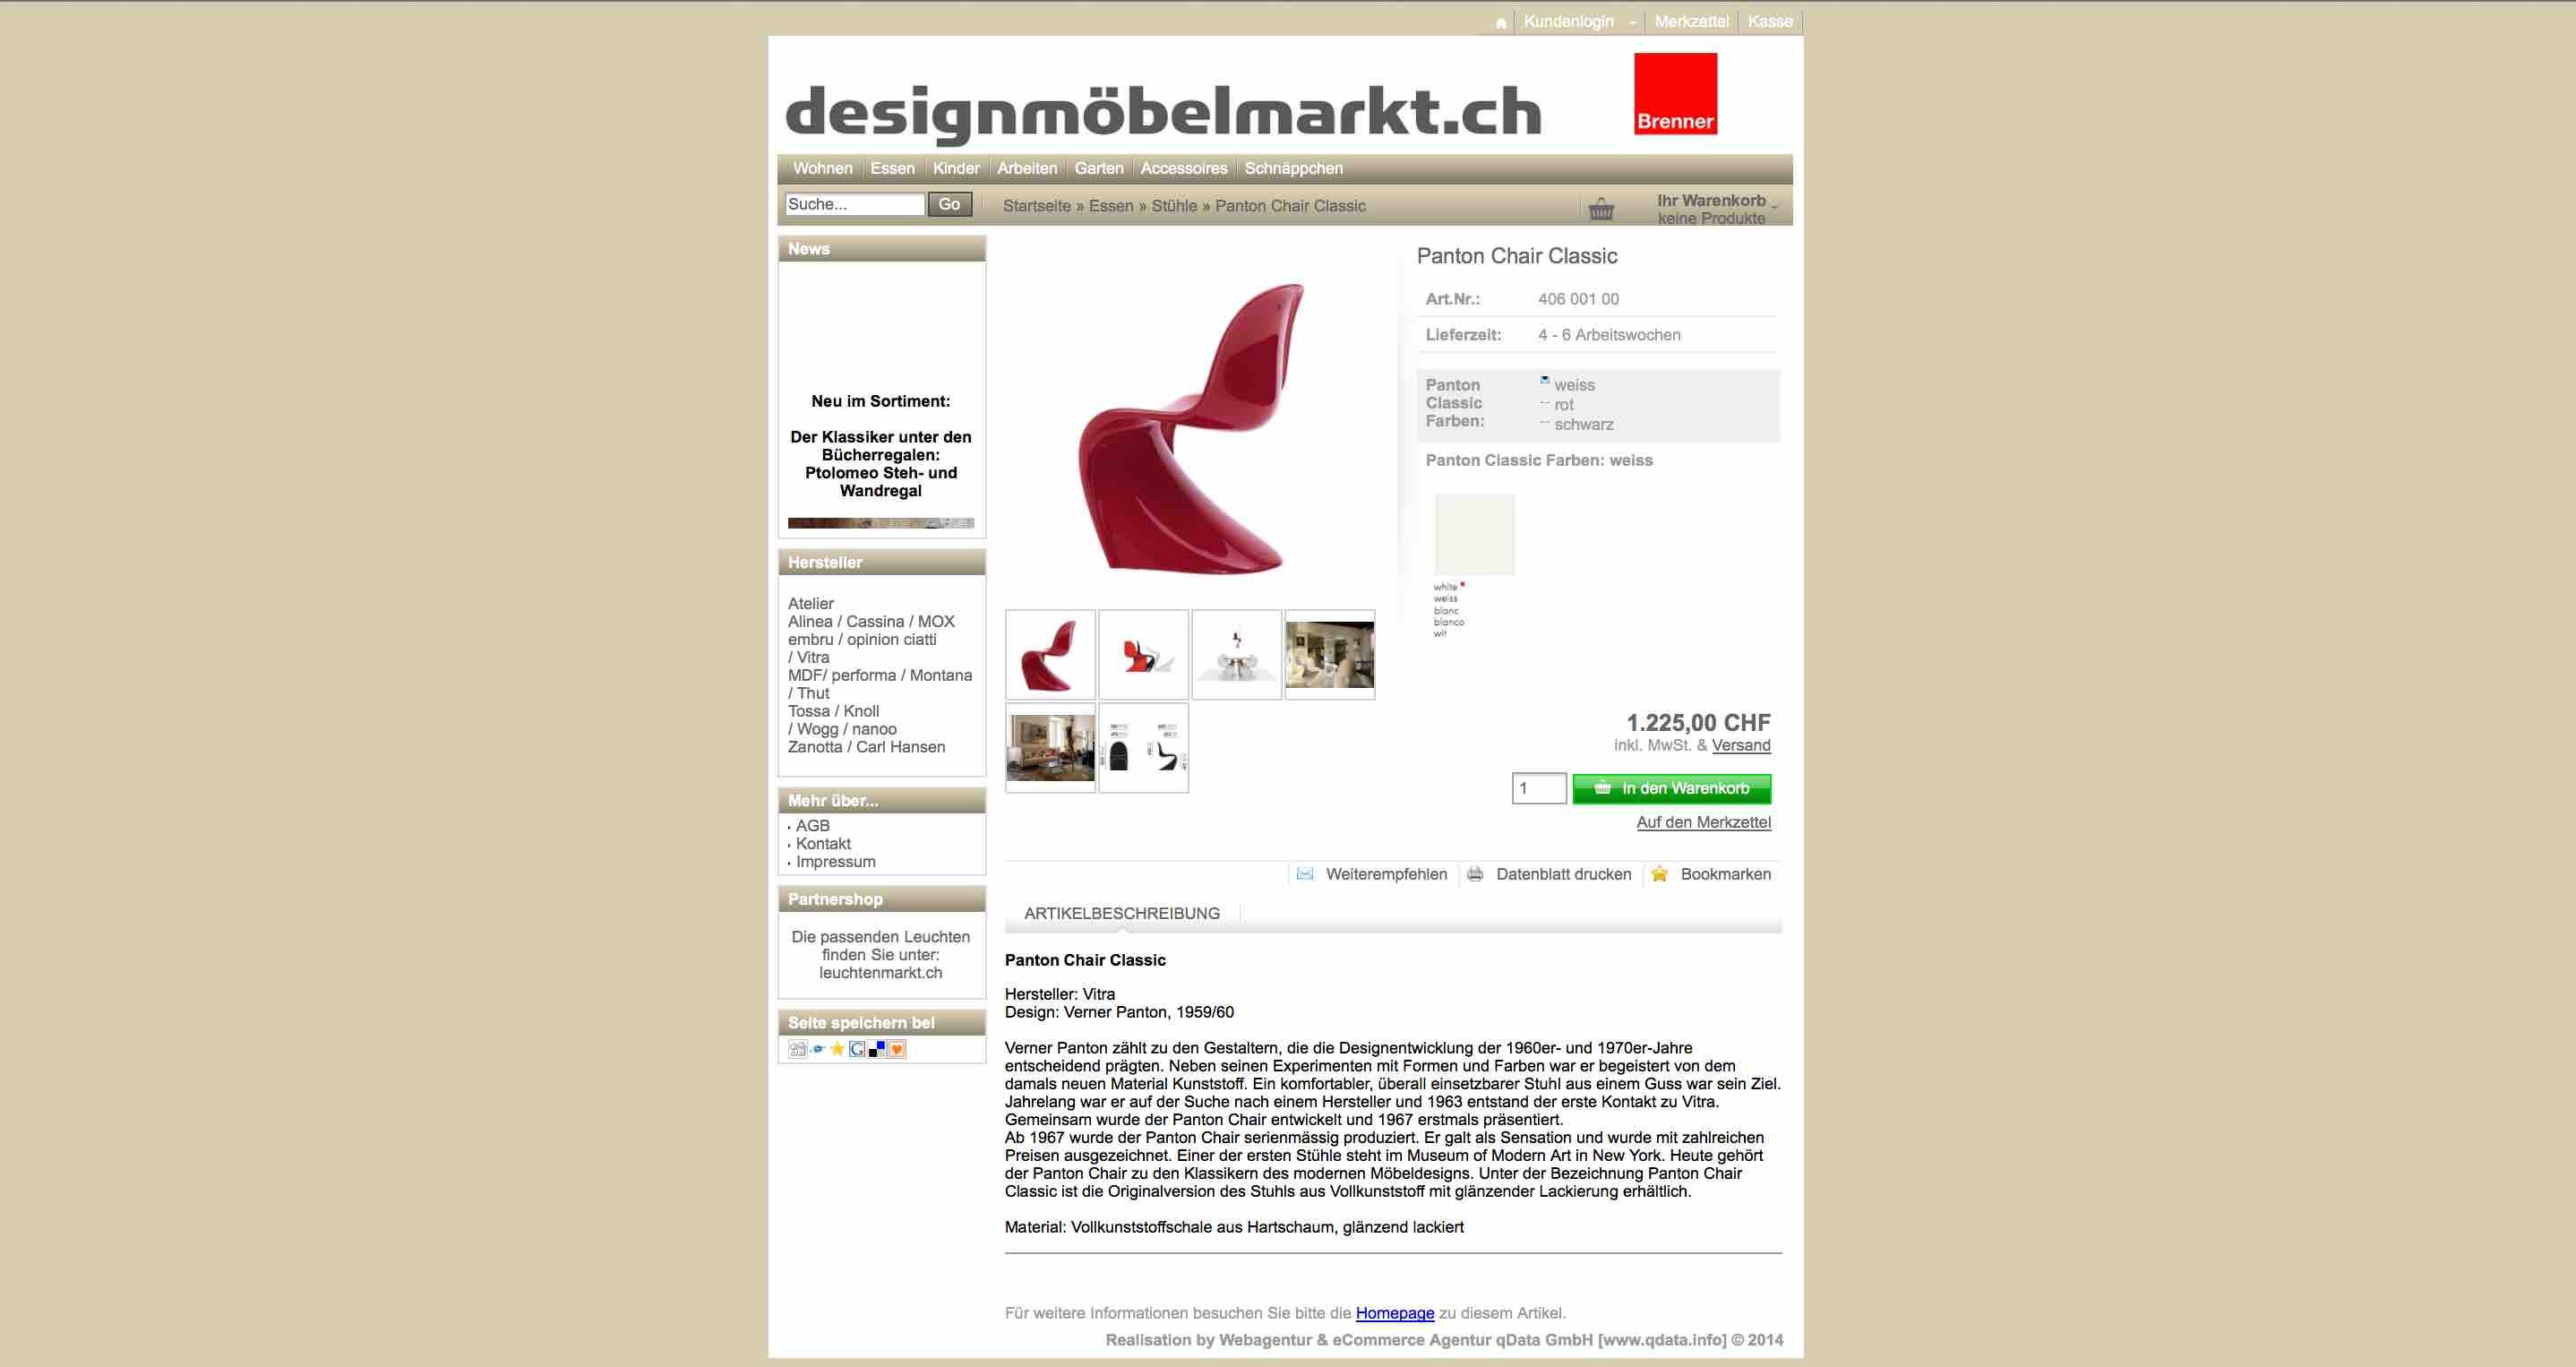 Designmoebelmarkt_Brenner_Inneneinrichtungen_AG_WilSG_Detailansicht_OnlineShop.jpg